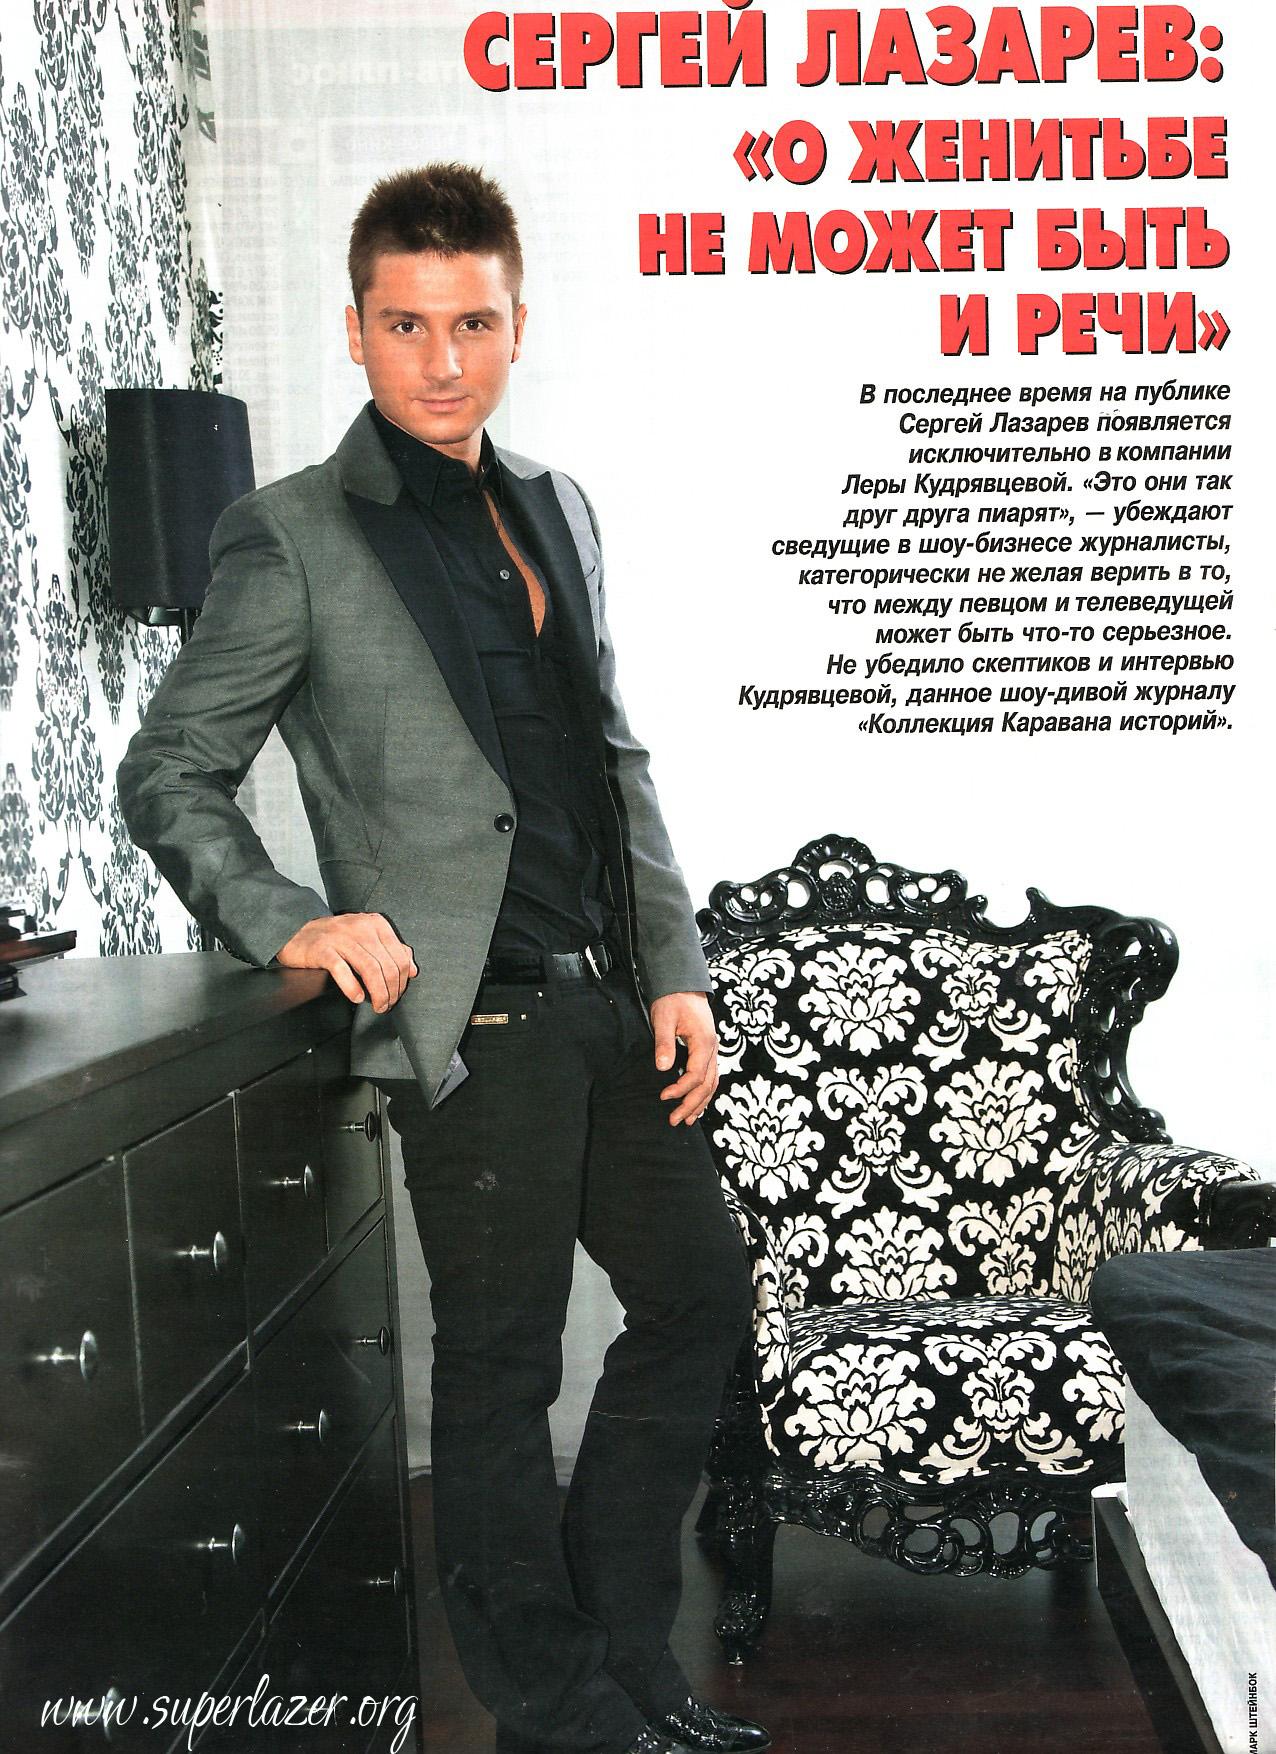 Фото сергея лазарева и его пизда 21 фотография